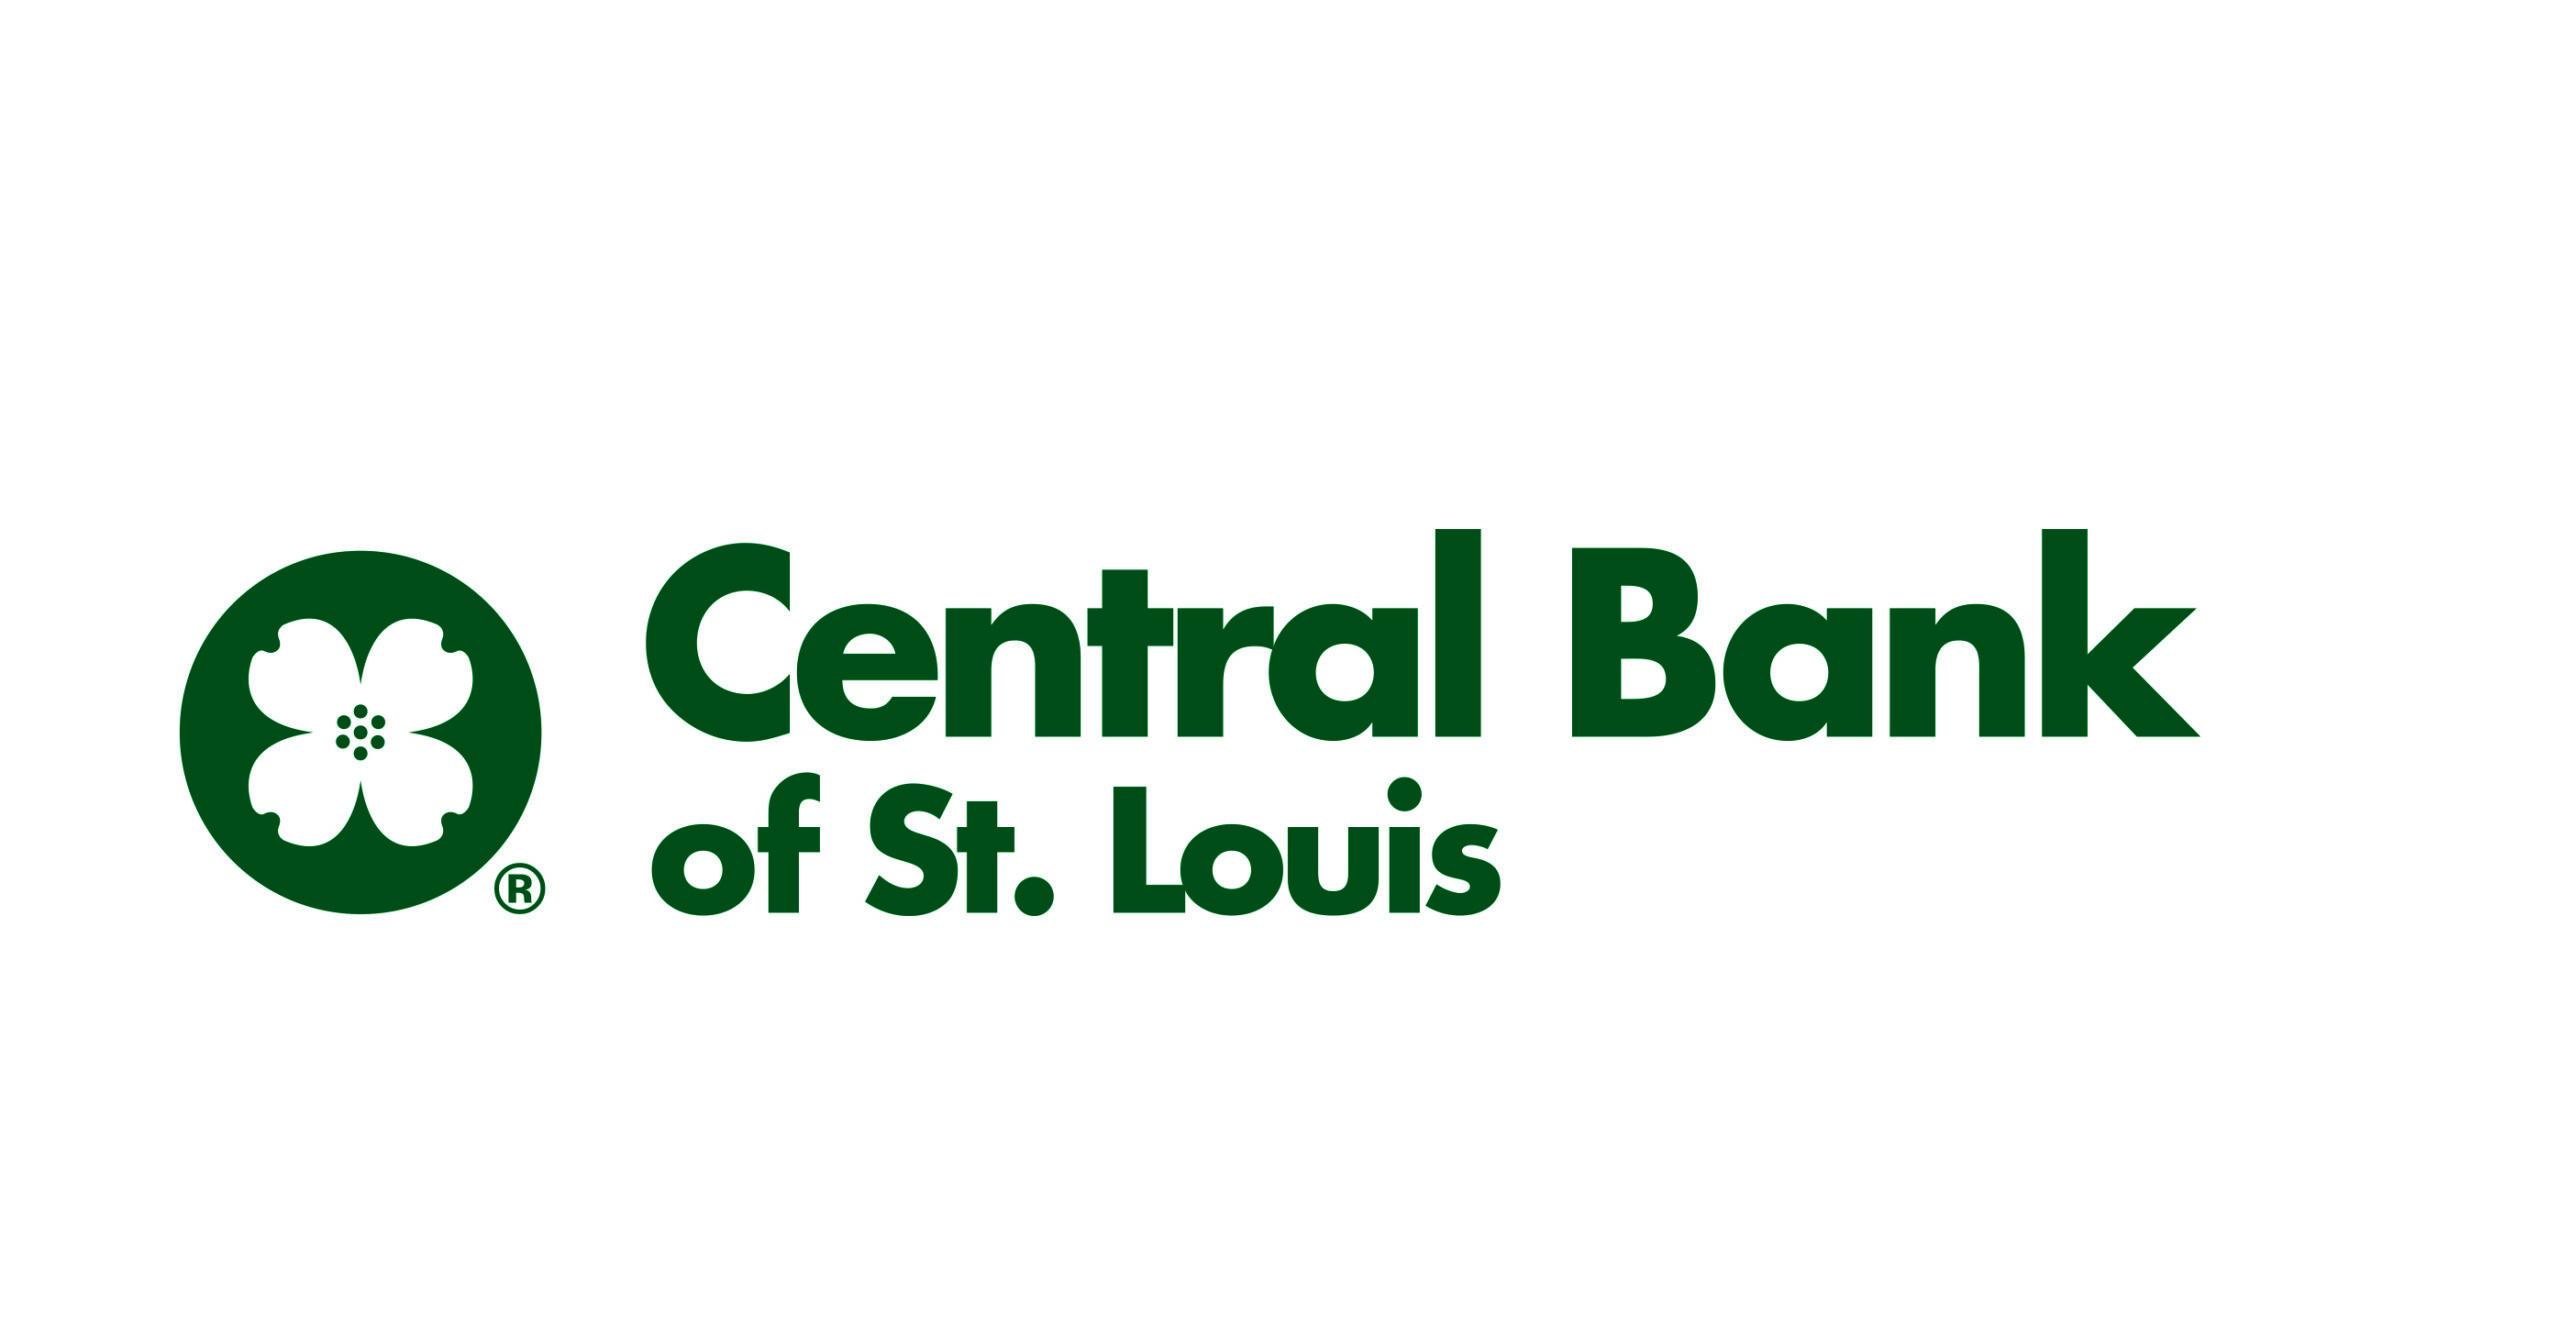 gkaspartnerlogos_0006_Central-Bank.jpg